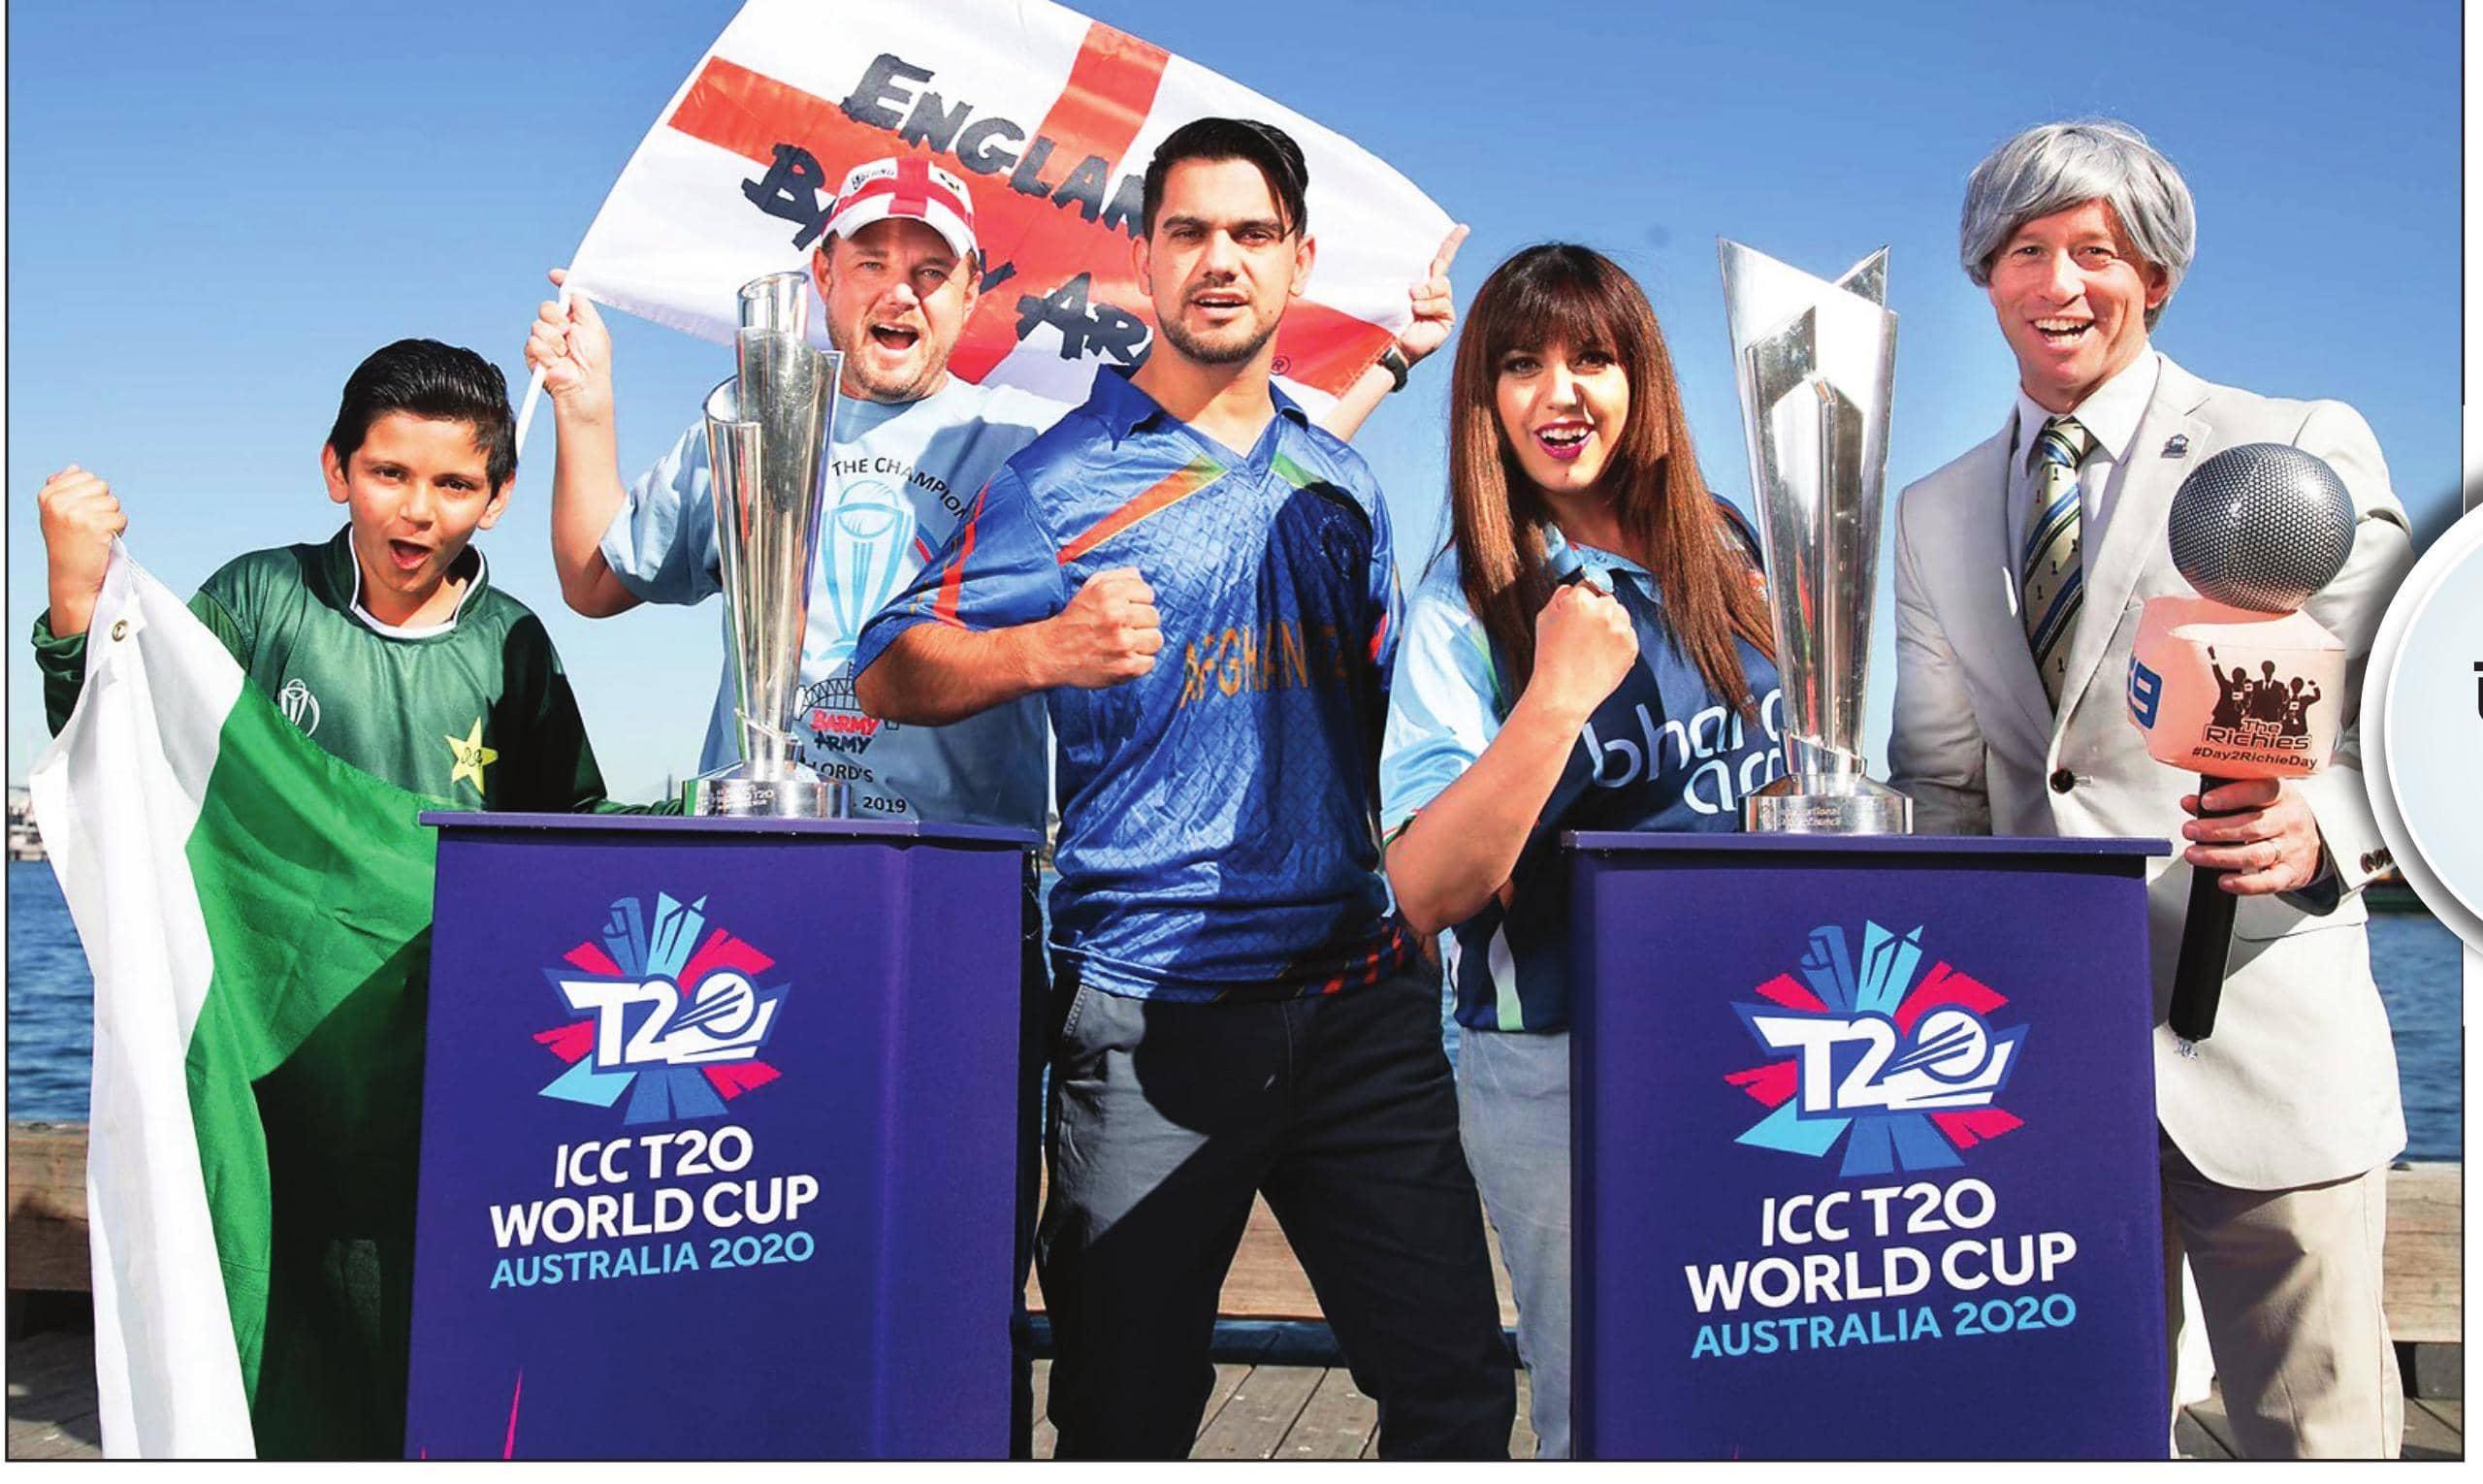 खाली स्टेडियम में कराया जा सकता है टी-20 वर्ल्ड कप और विश्व टेस्ट चैंपियनशिप मैच, क्रिकेट ऑस्ट्रेलिया ने दिए संकेत